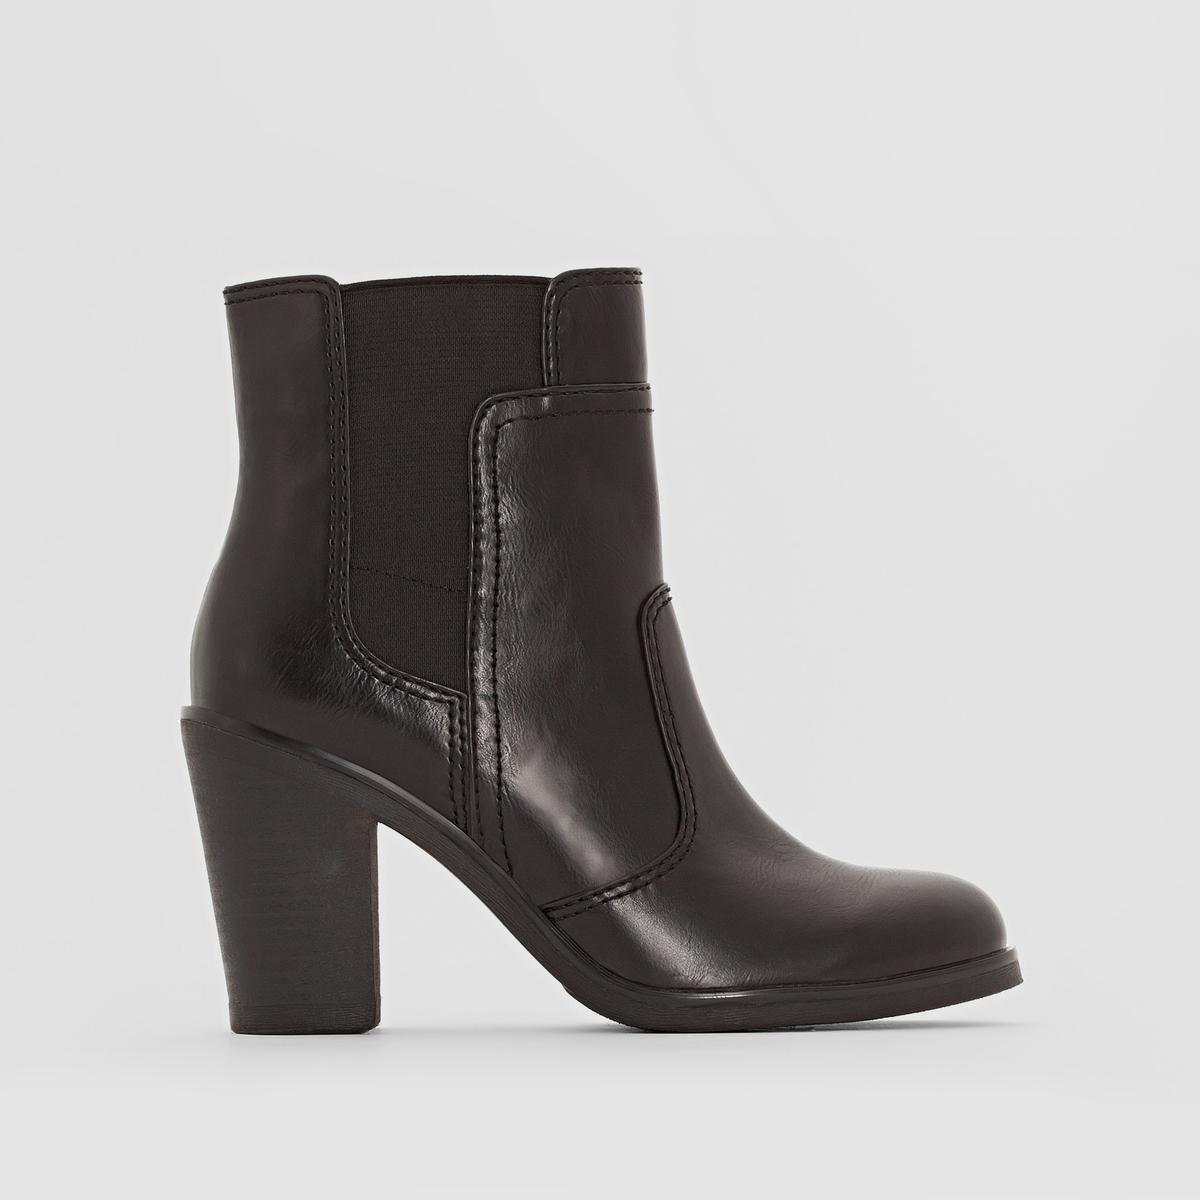 Ботильоны на каблуке CERVIA BOOTIEПодкладка: синтетический материал     Стелька: полиуретан   Подошва: каучук.   Высота каблука: 7 см   Высота голенища: 12 см   Форма каблука: широкий   Мысок: закругленный   Застежка: на молнии<br><br>Цвет: черный<br>Размер: 39.41